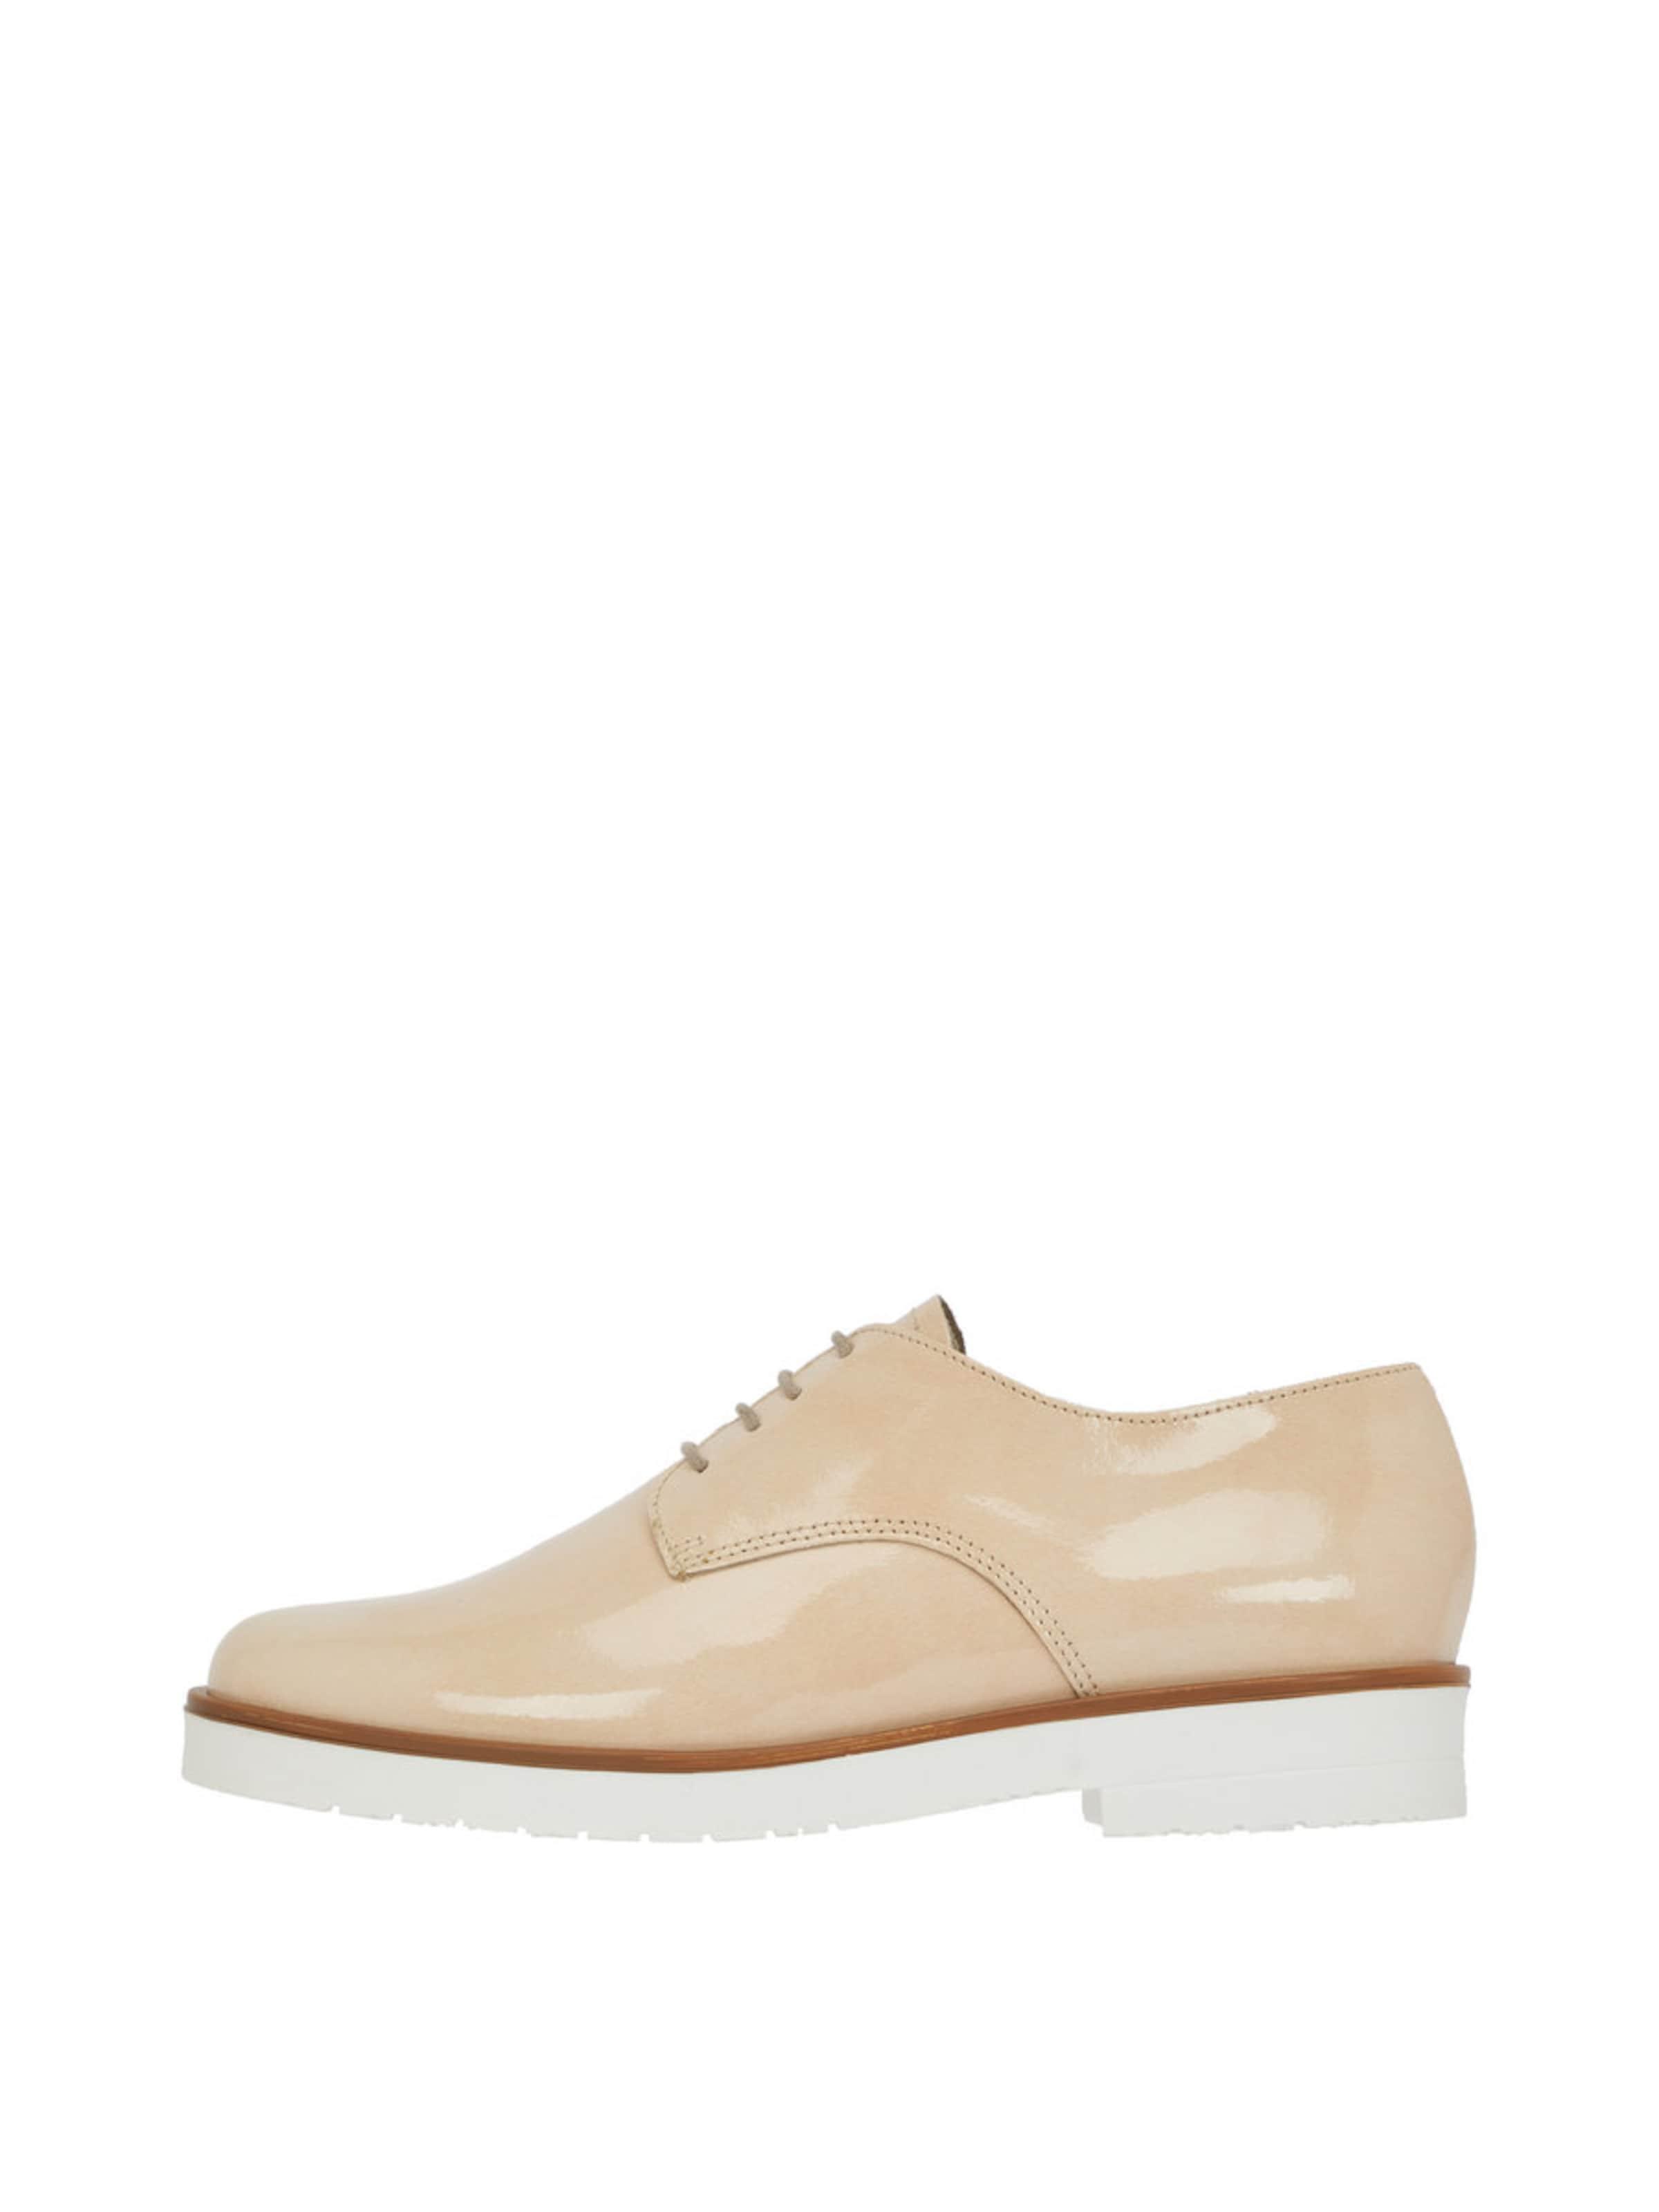 Bianco Schnür Leder Schuhe Günstige und langlebige Schuhe